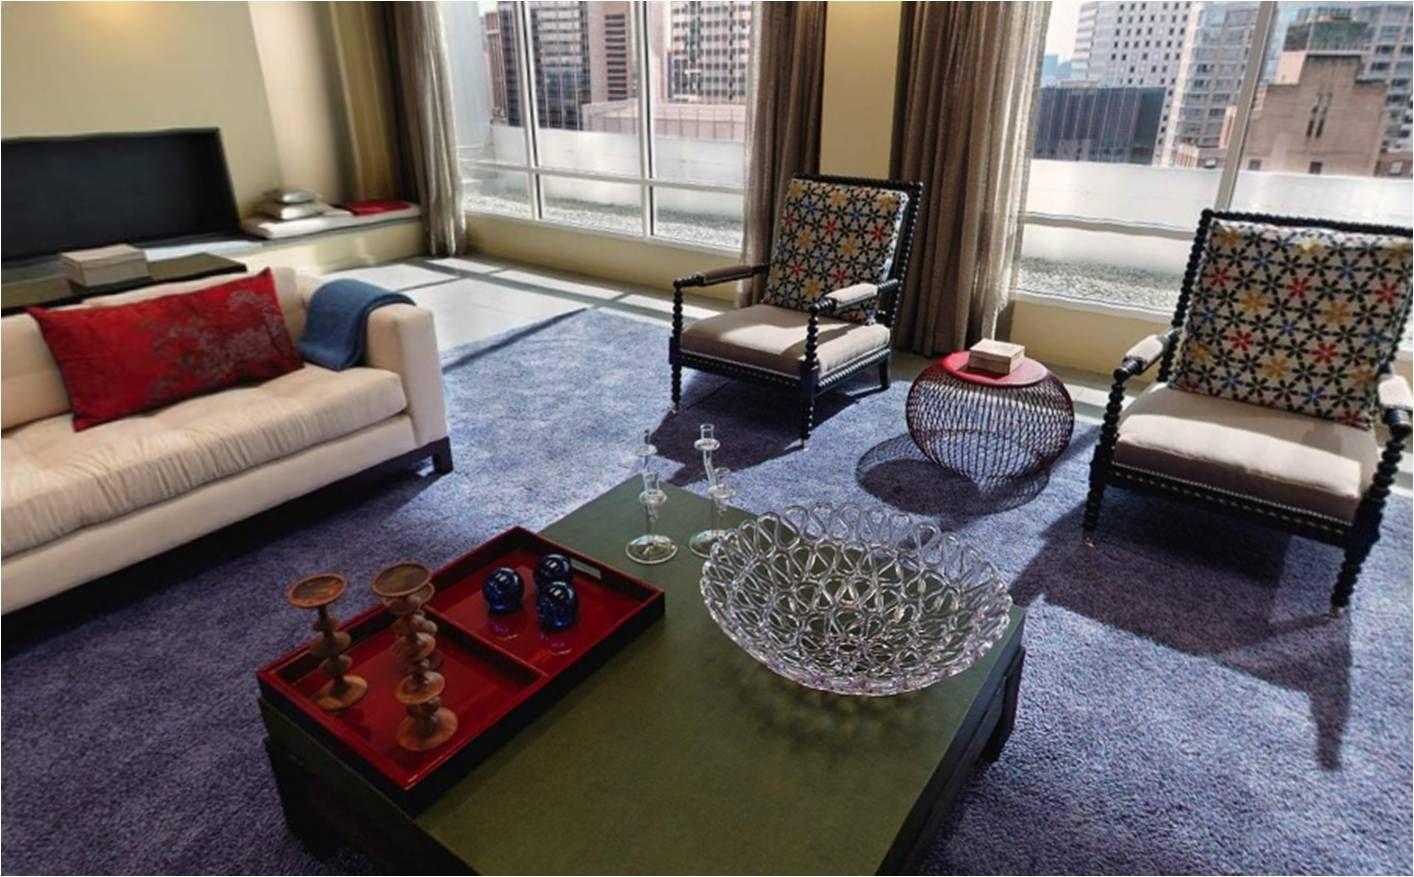 lily van der woodsen's apartment - gossip girl - chair backs